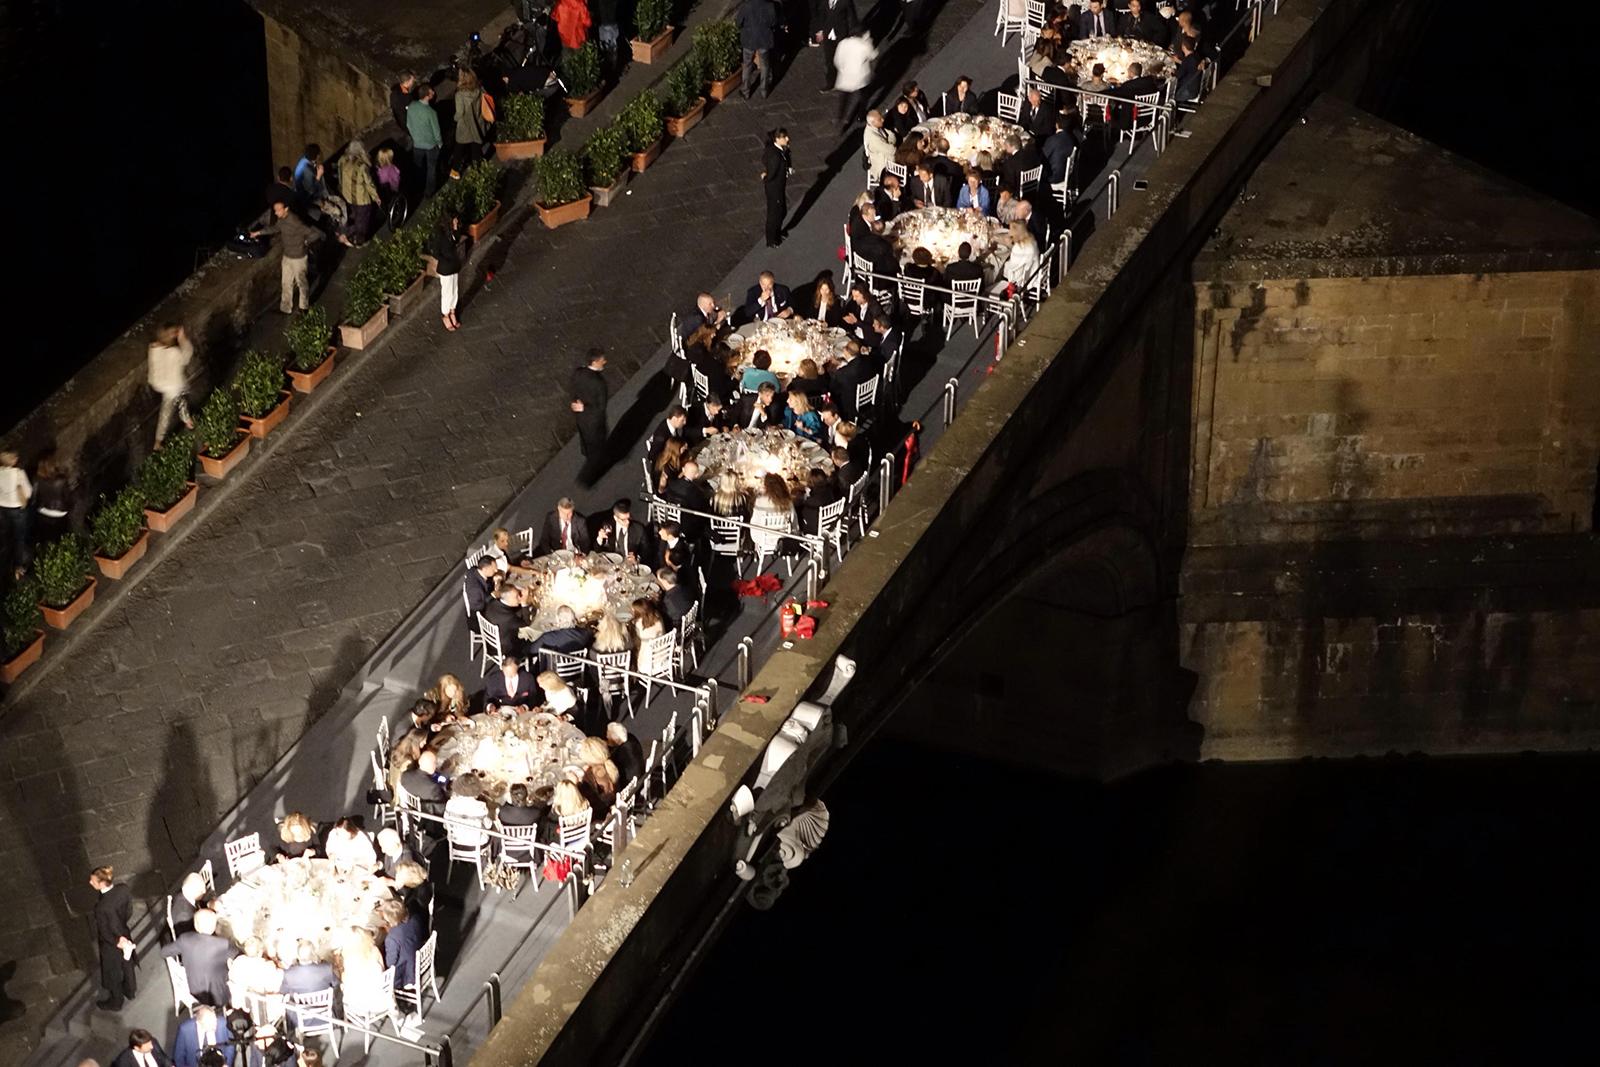 Firenze pitti uomo cena per inaugurazione nuova illuminazione ponte vecchio